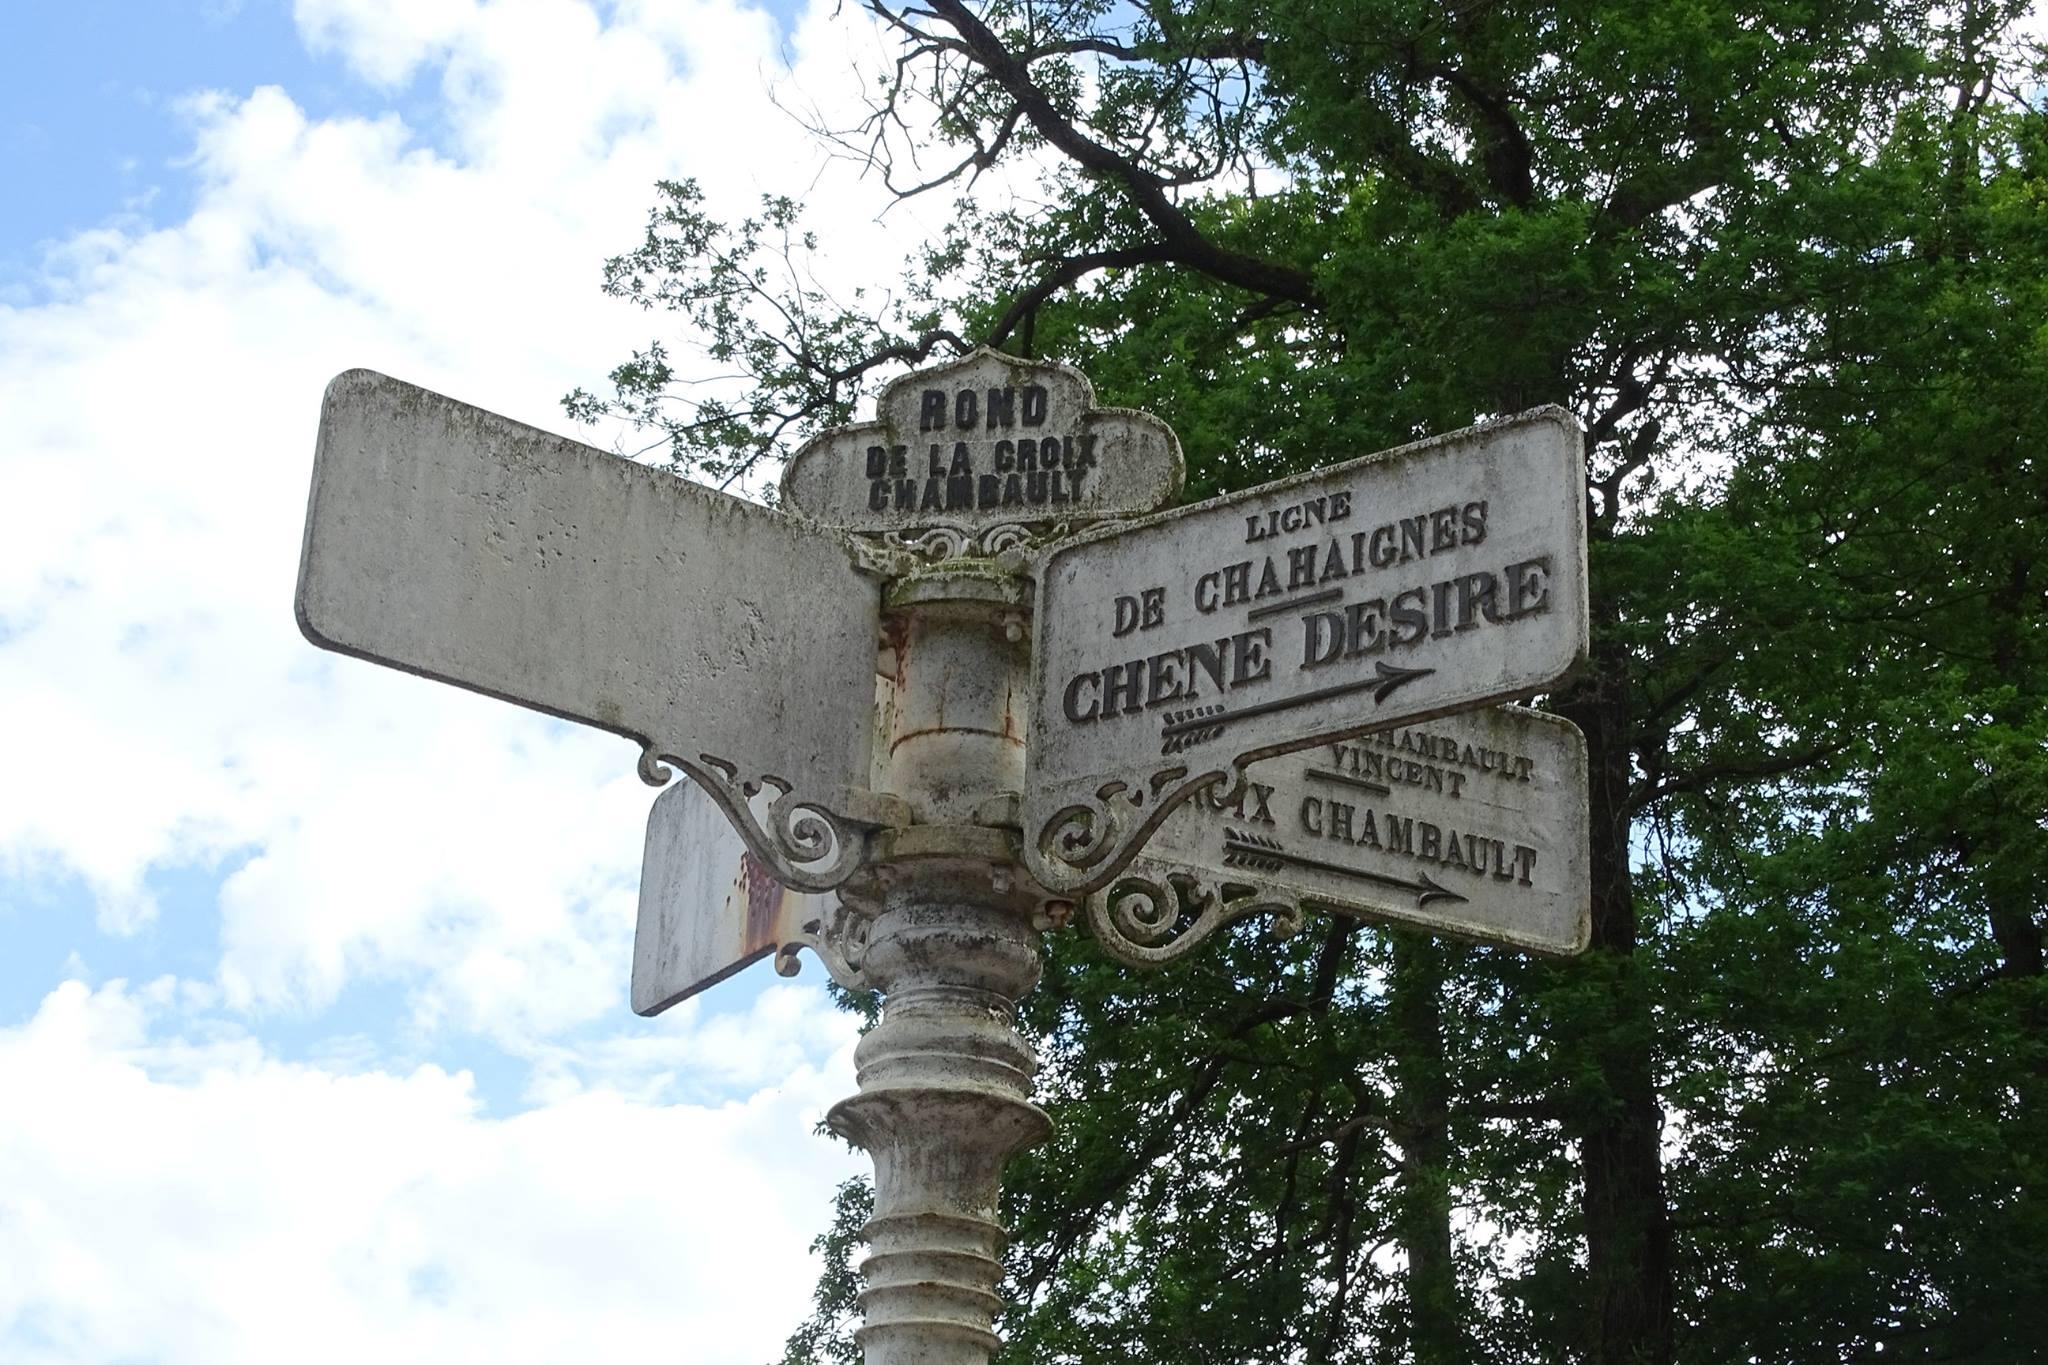 Forêt de Bercé - Plaque de cocher - Rond de la Croix Chambault - Ligne de Chahaignes - Chêne Désiré (Marie-Yvonne Mersanne)